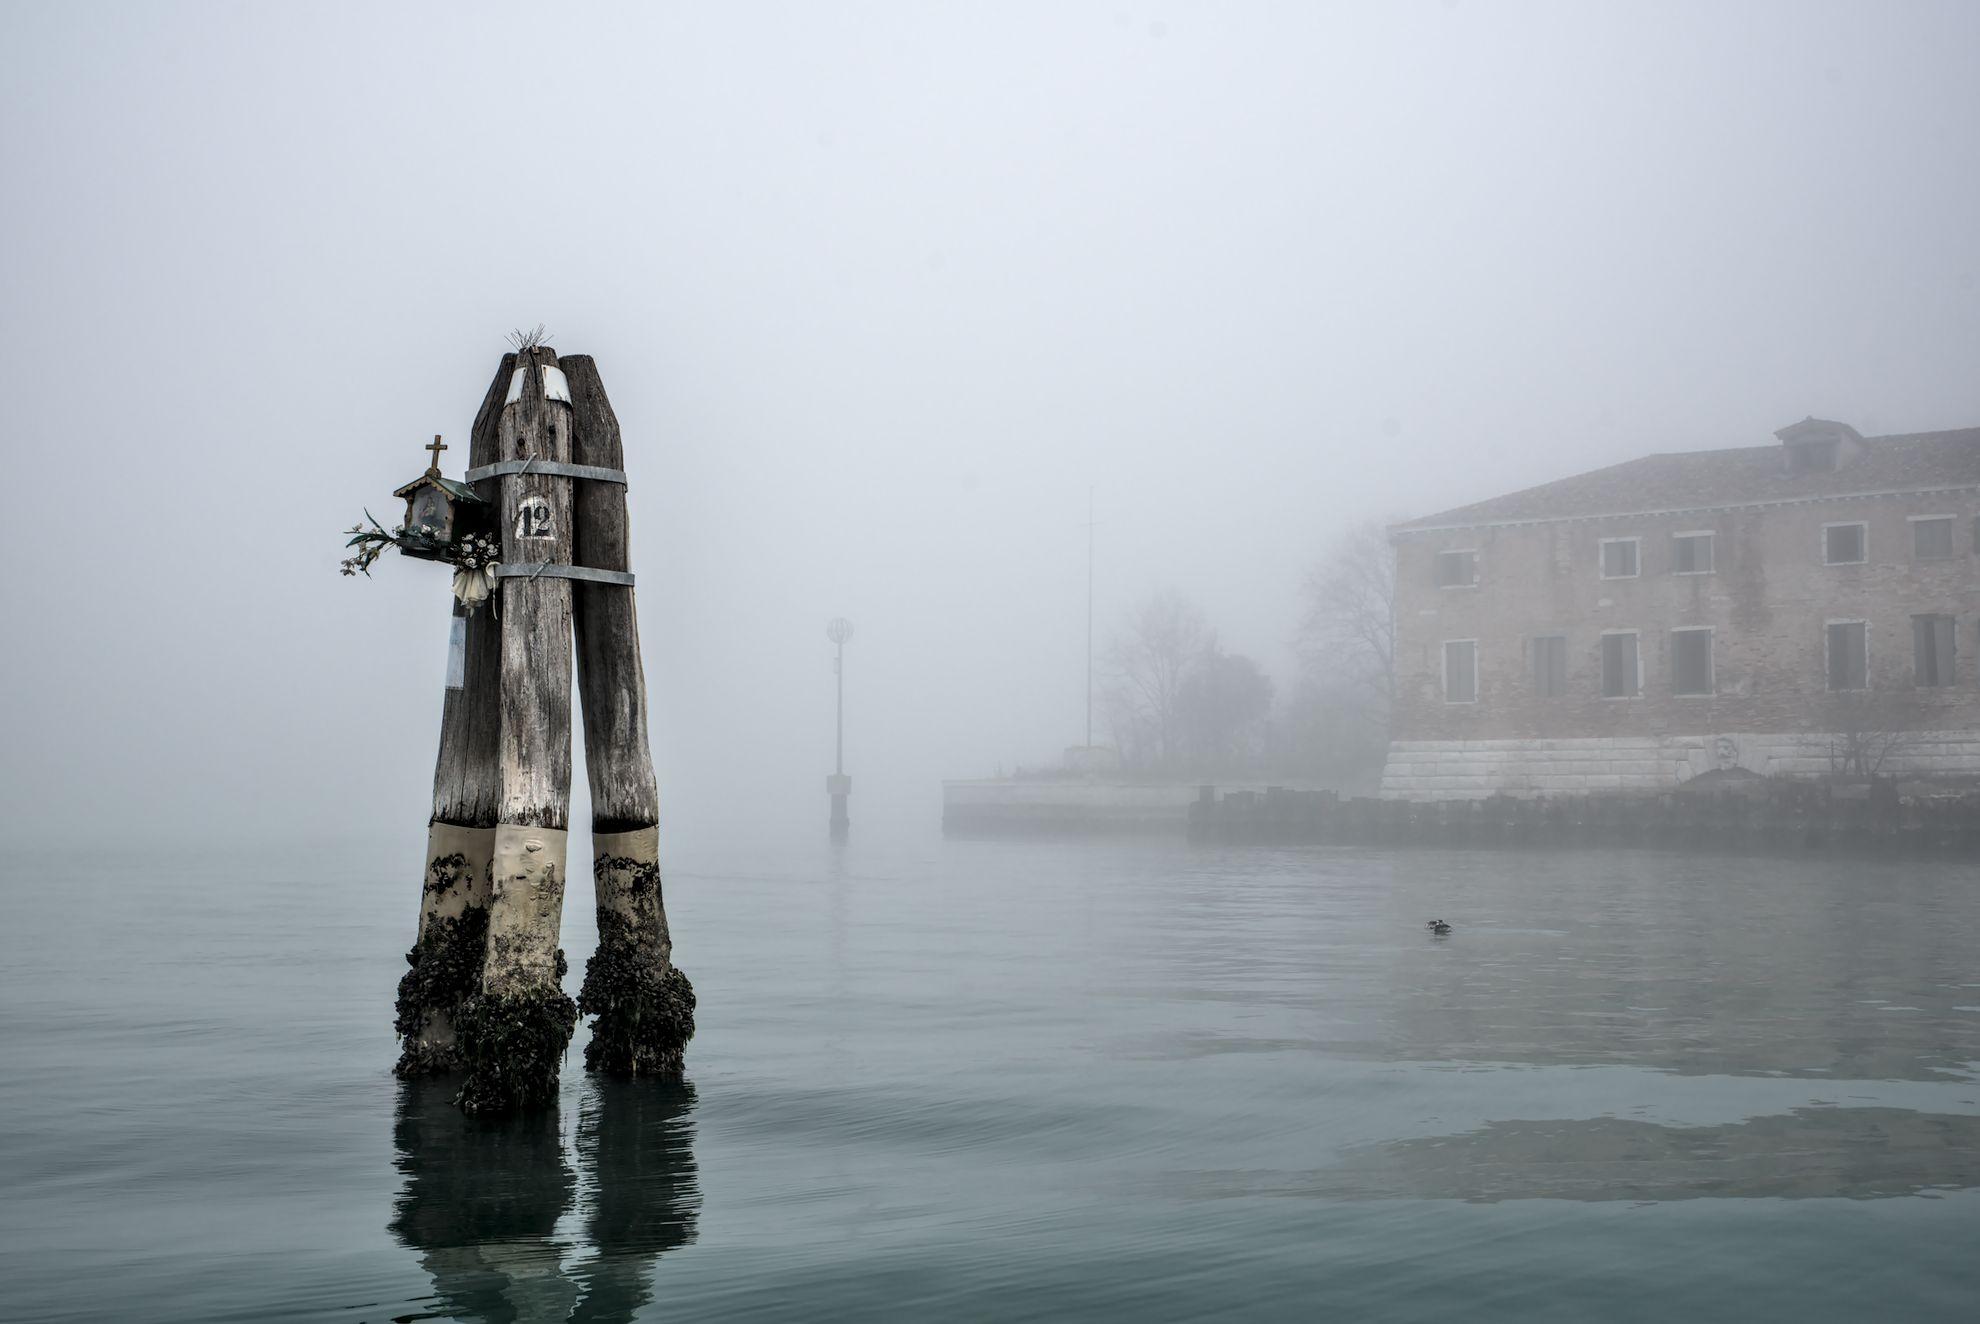 The Venetian lagoon on the fog - briccola with altar